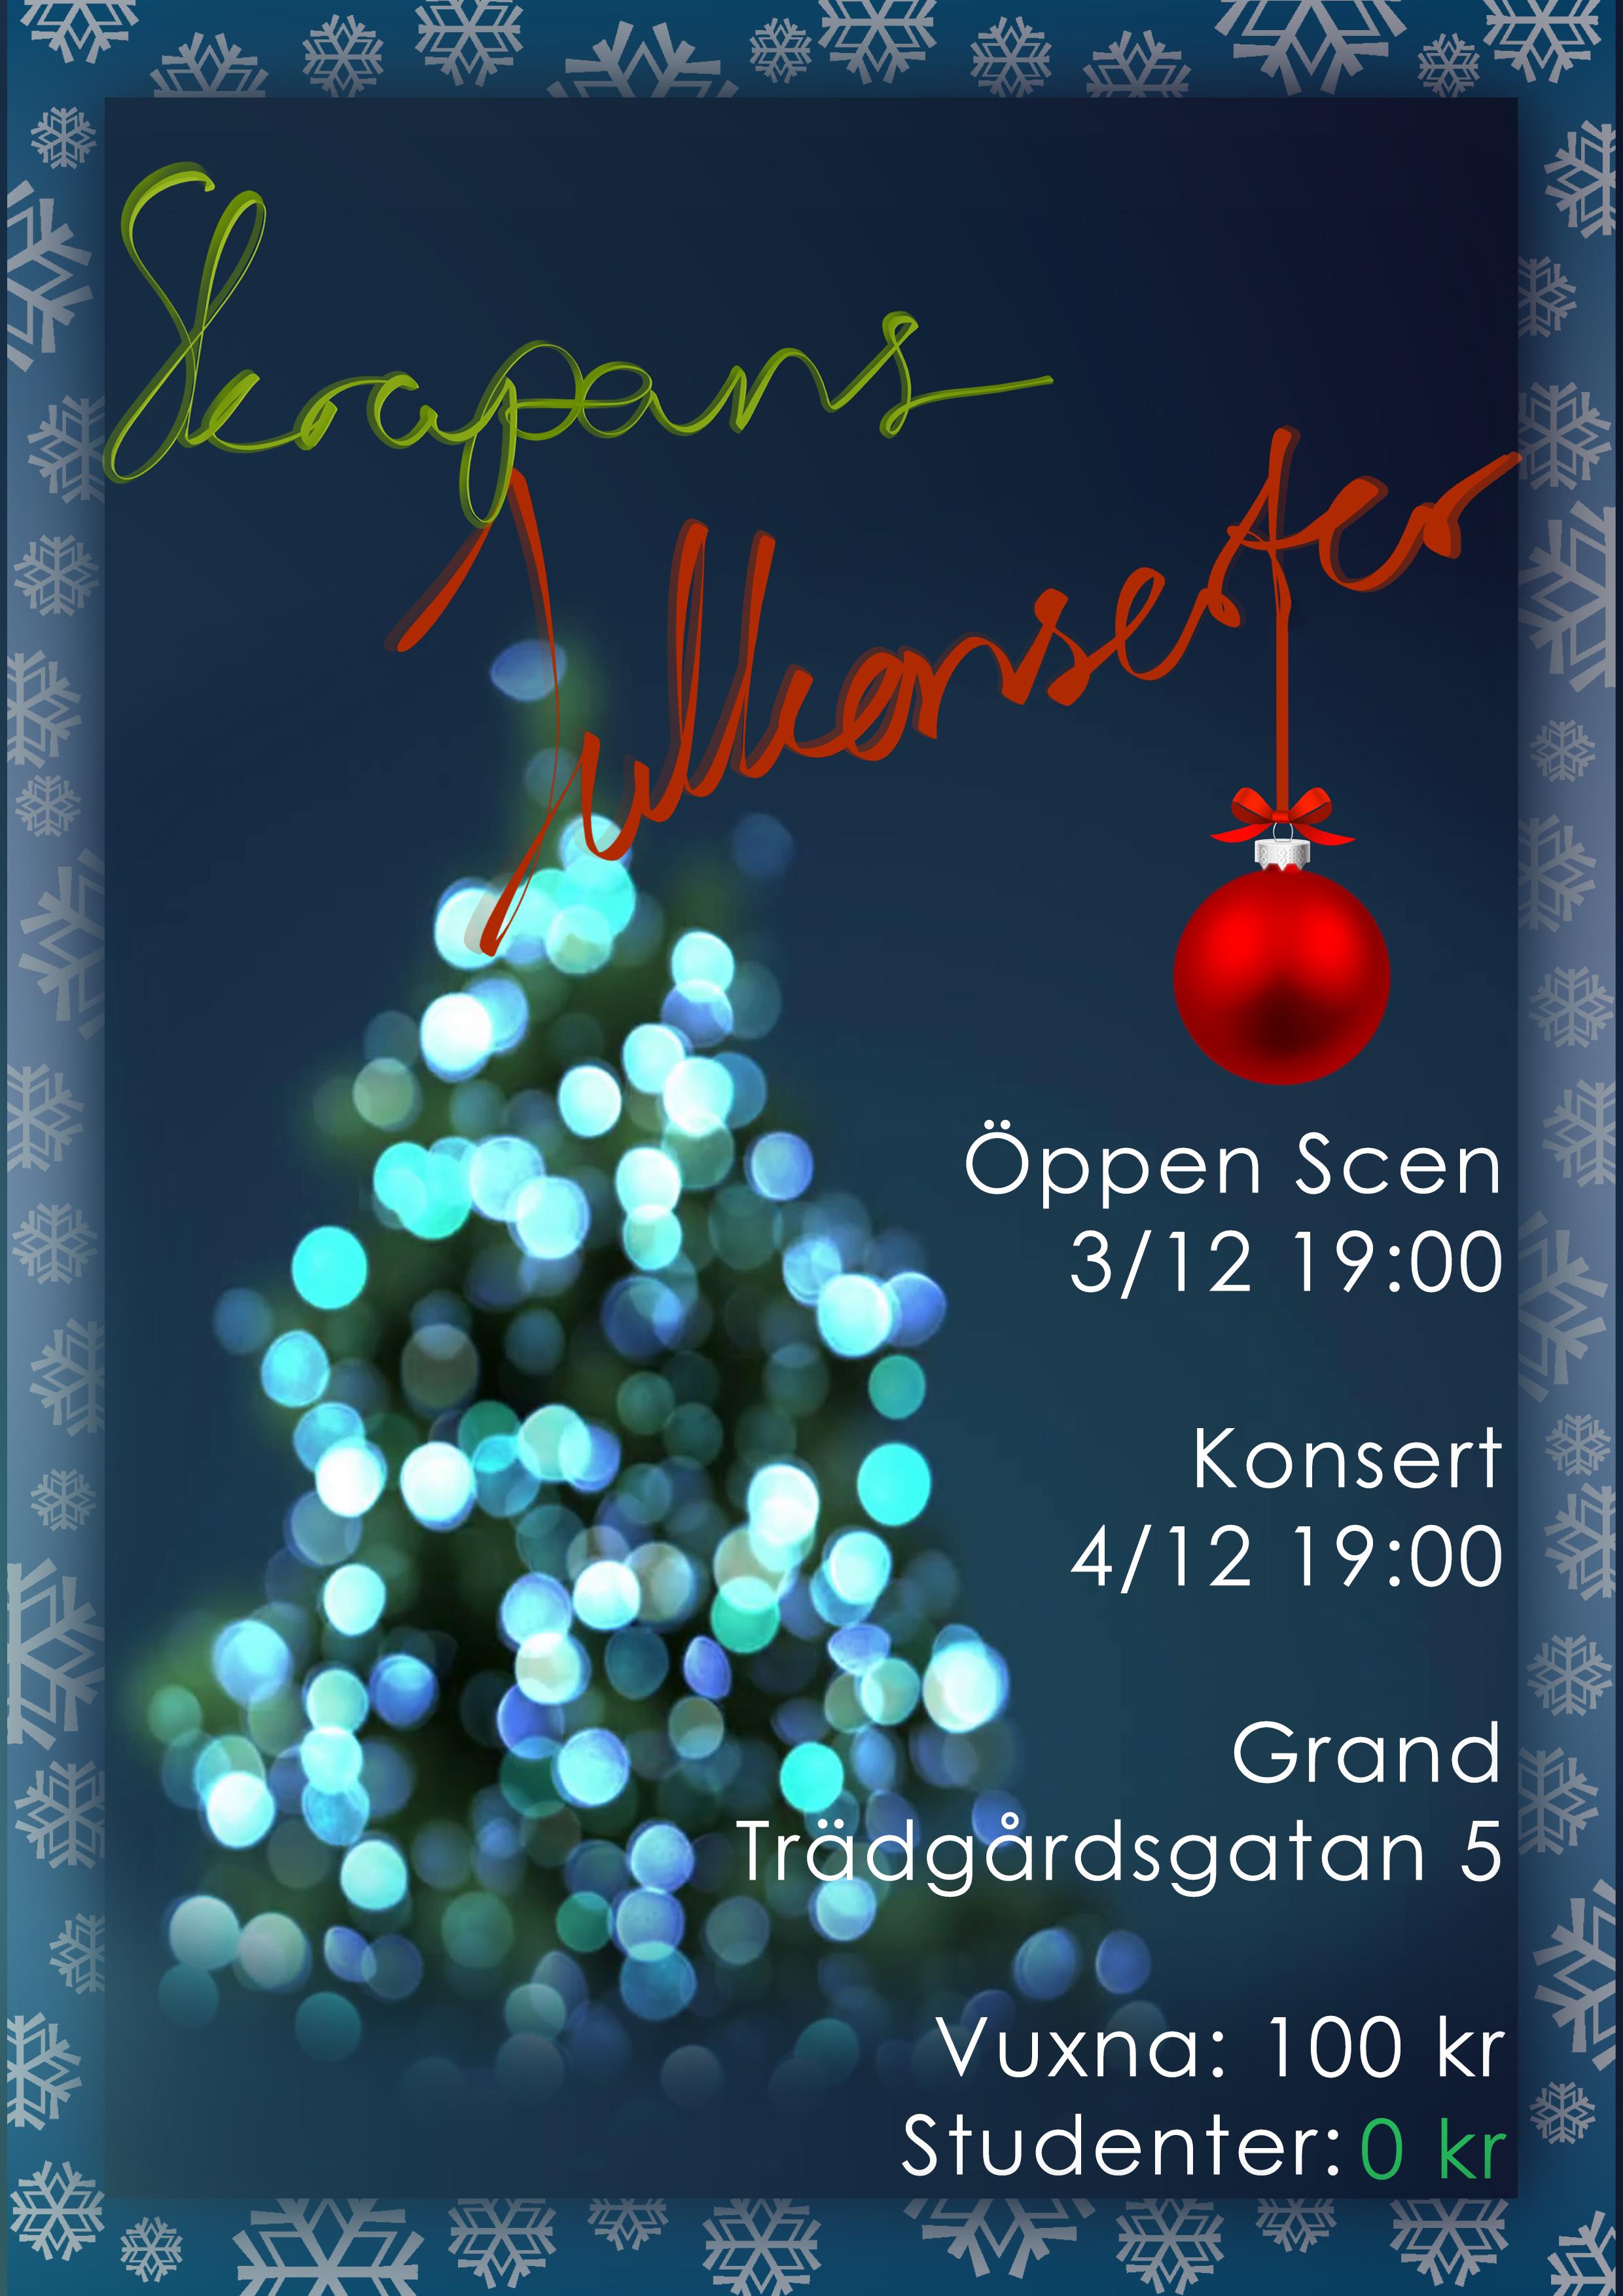 Skrapans Julkonserter på GRAND!